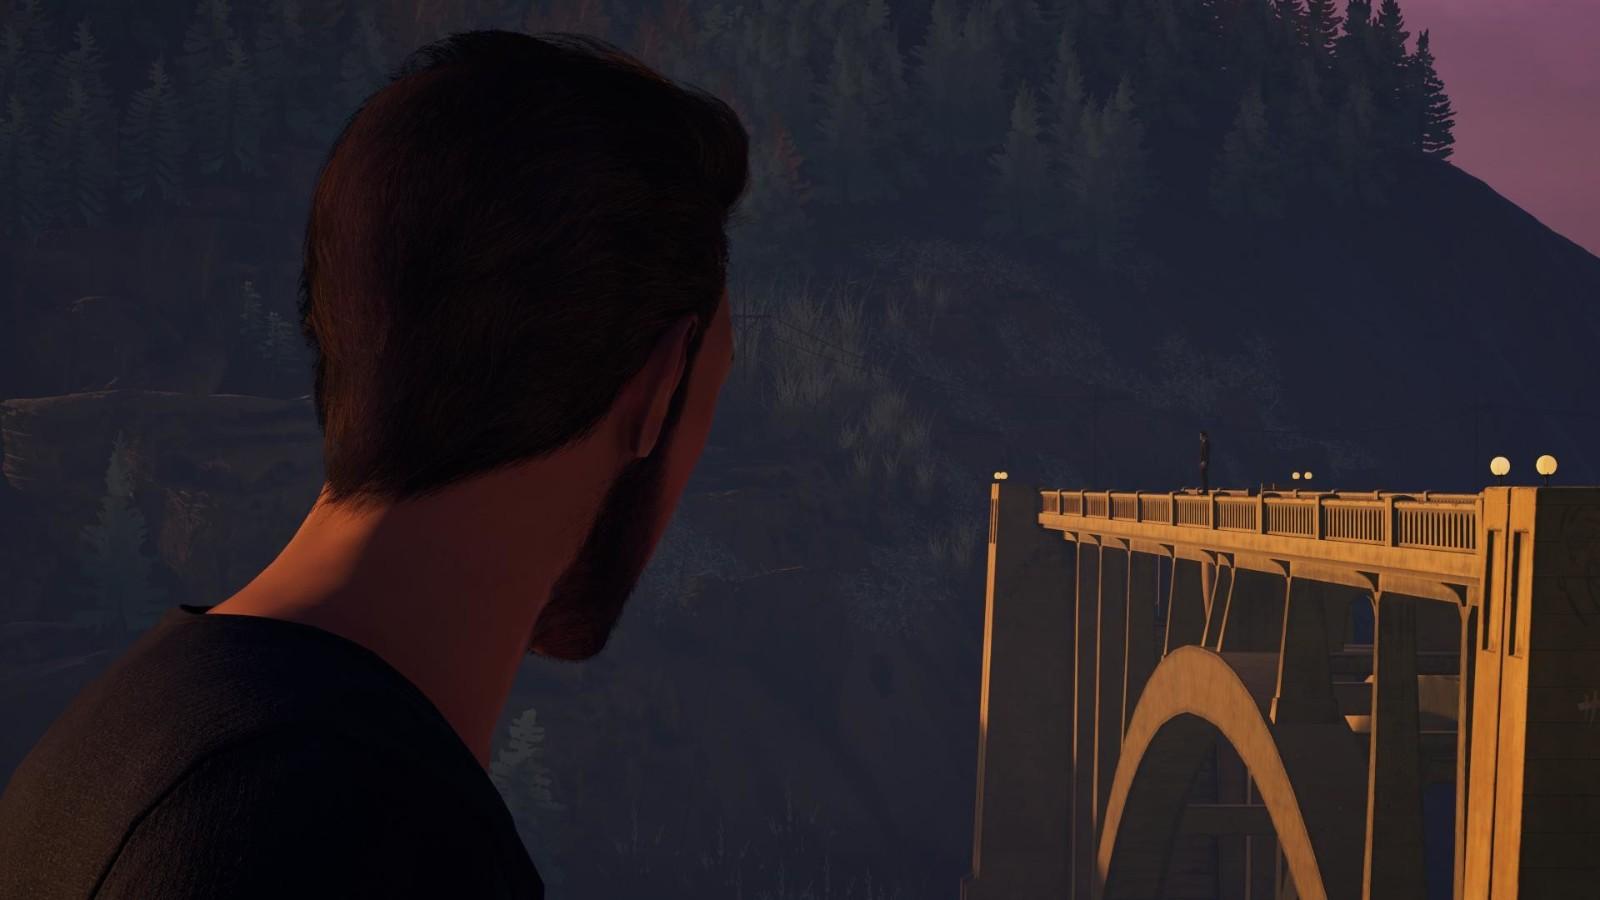 互动惊悚《迷魂记》12月16日登陆PC 通过幻觉讲述回忆里的故事